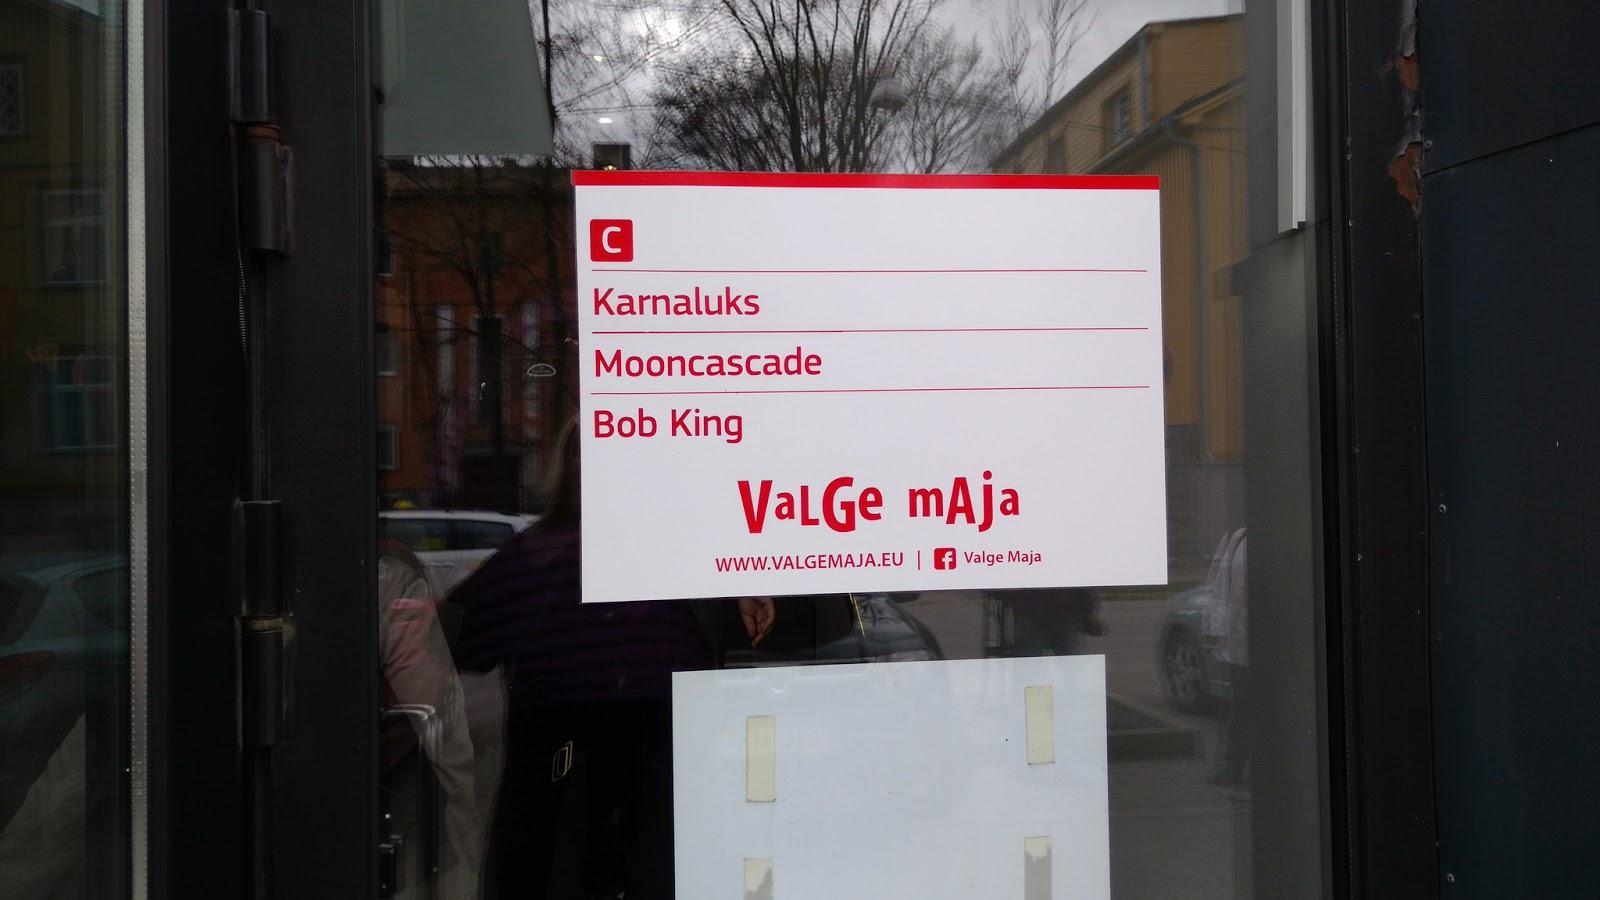 Karnaluks Luokkaretkella Tallinnan Kasityoliikkeissa Kokeileva